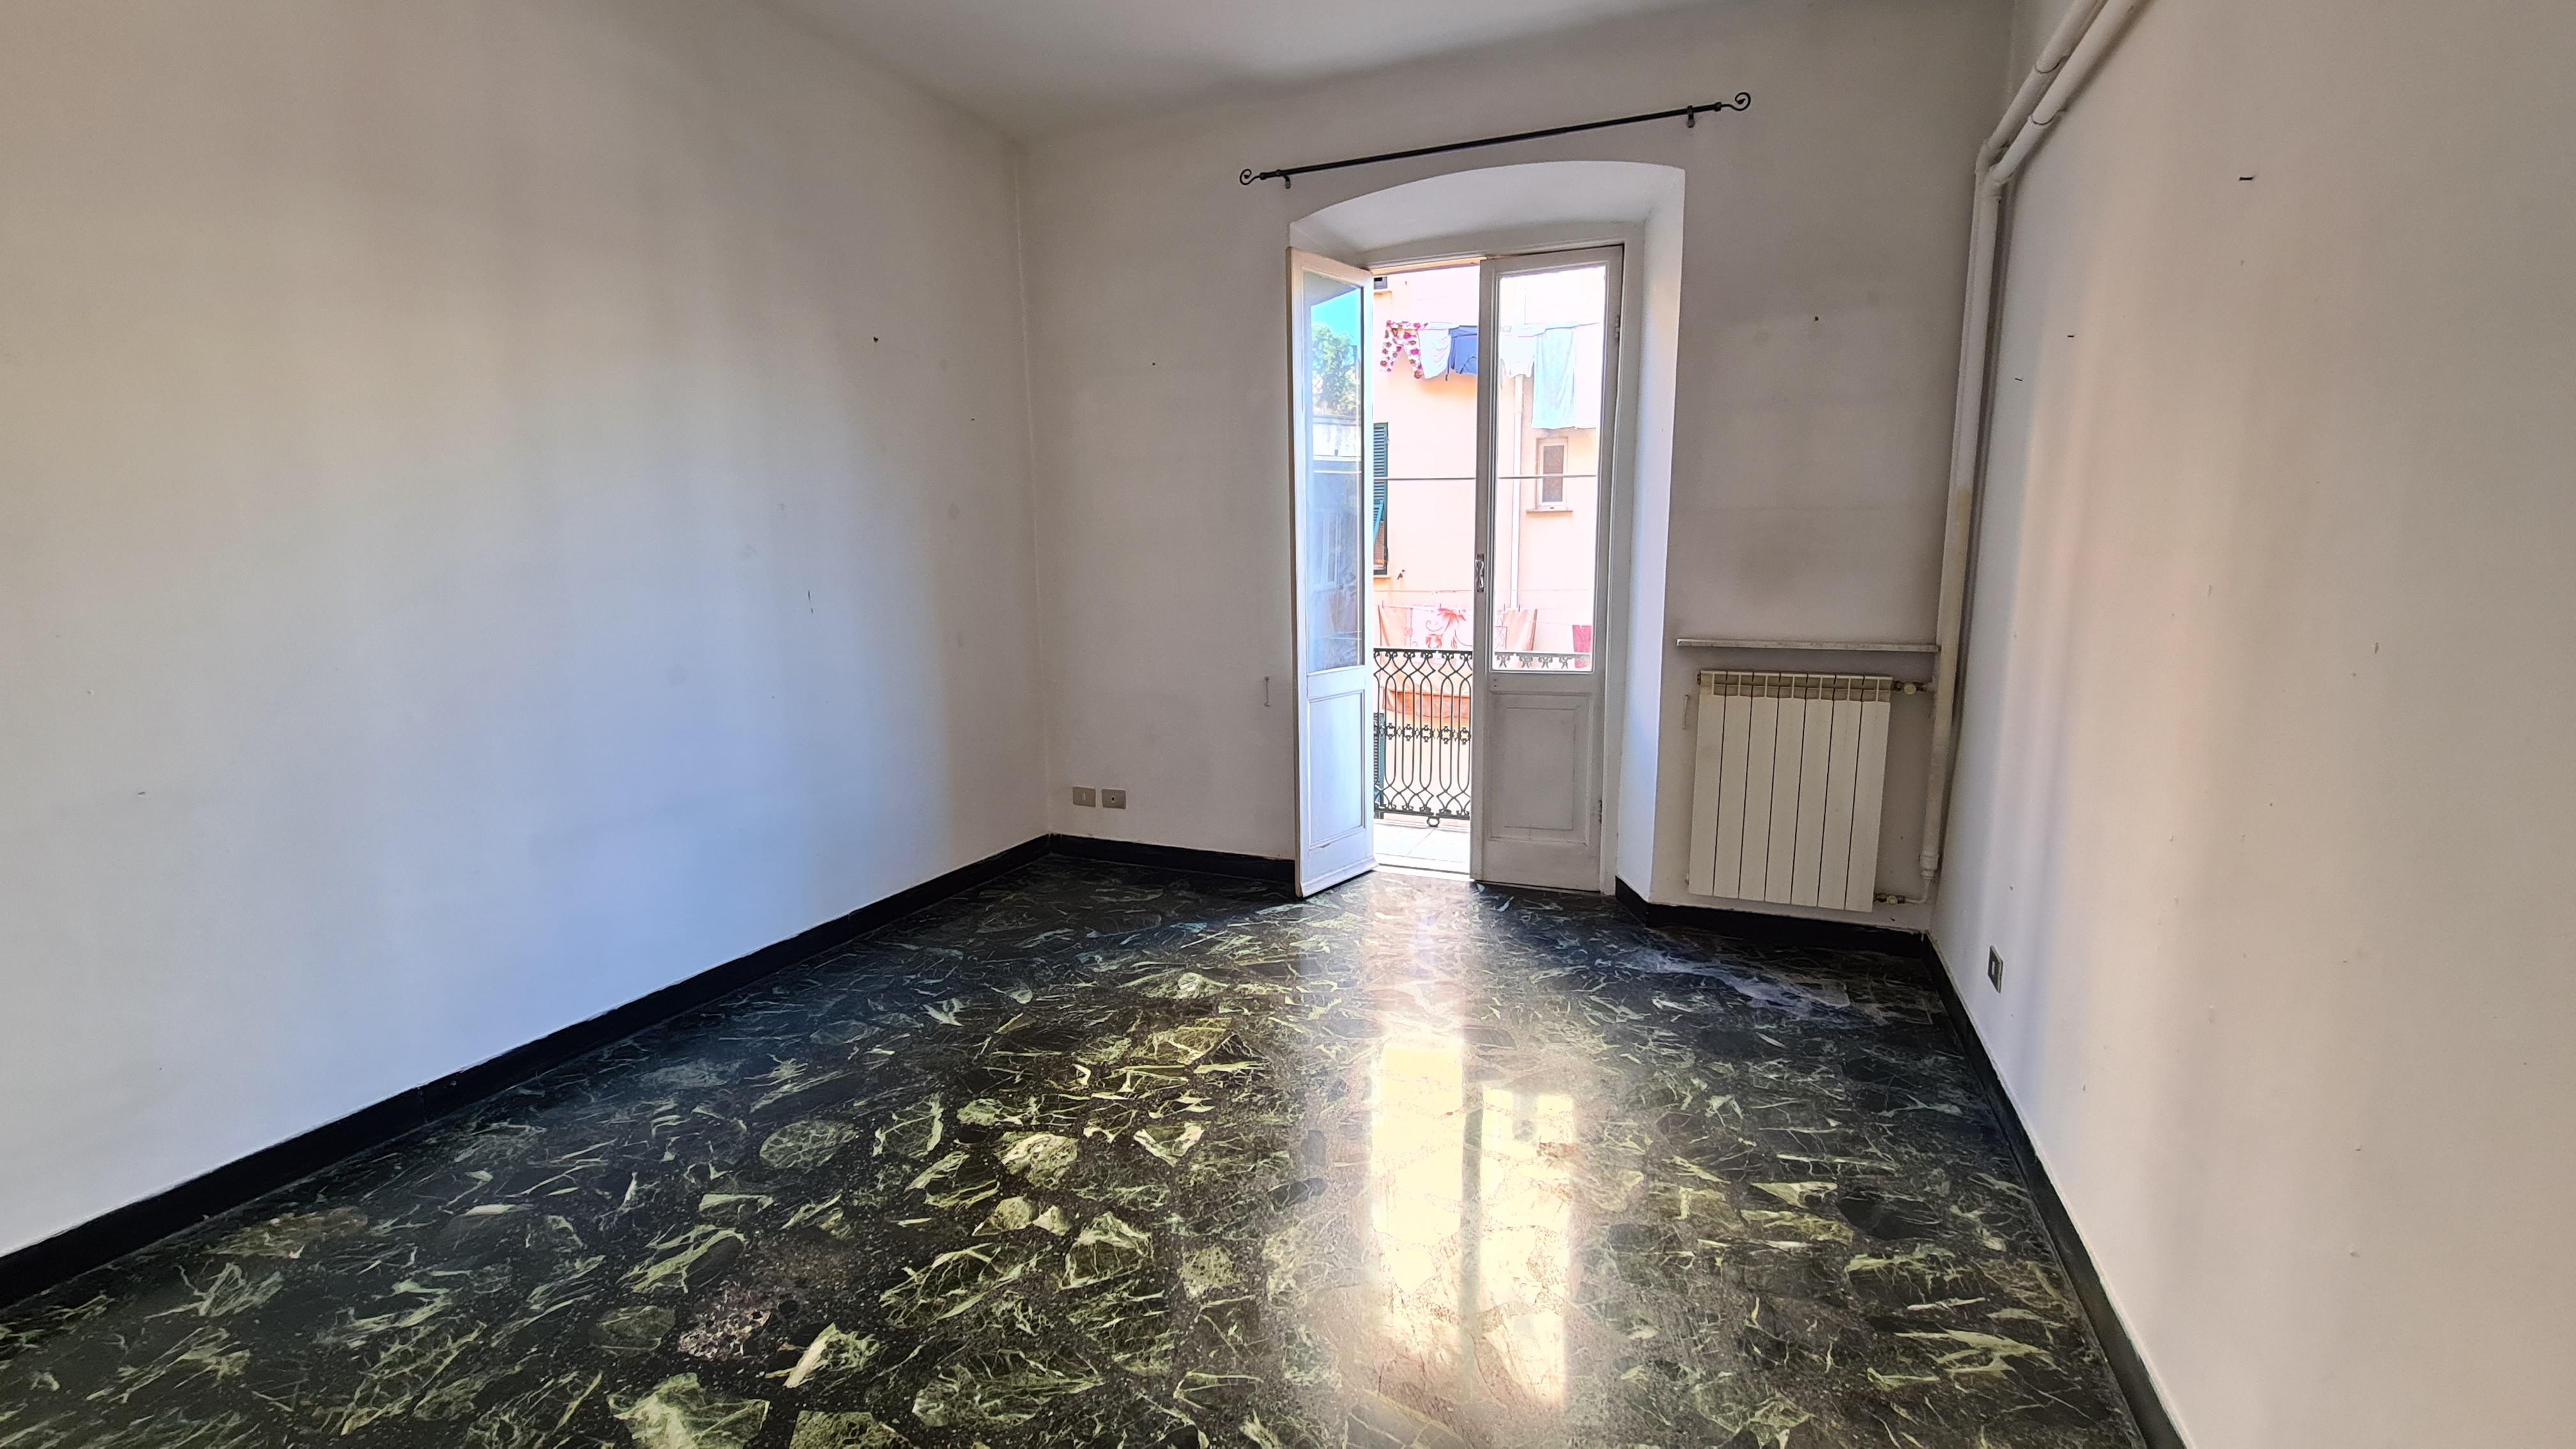 affitto appartamento via bettini bolzaneto